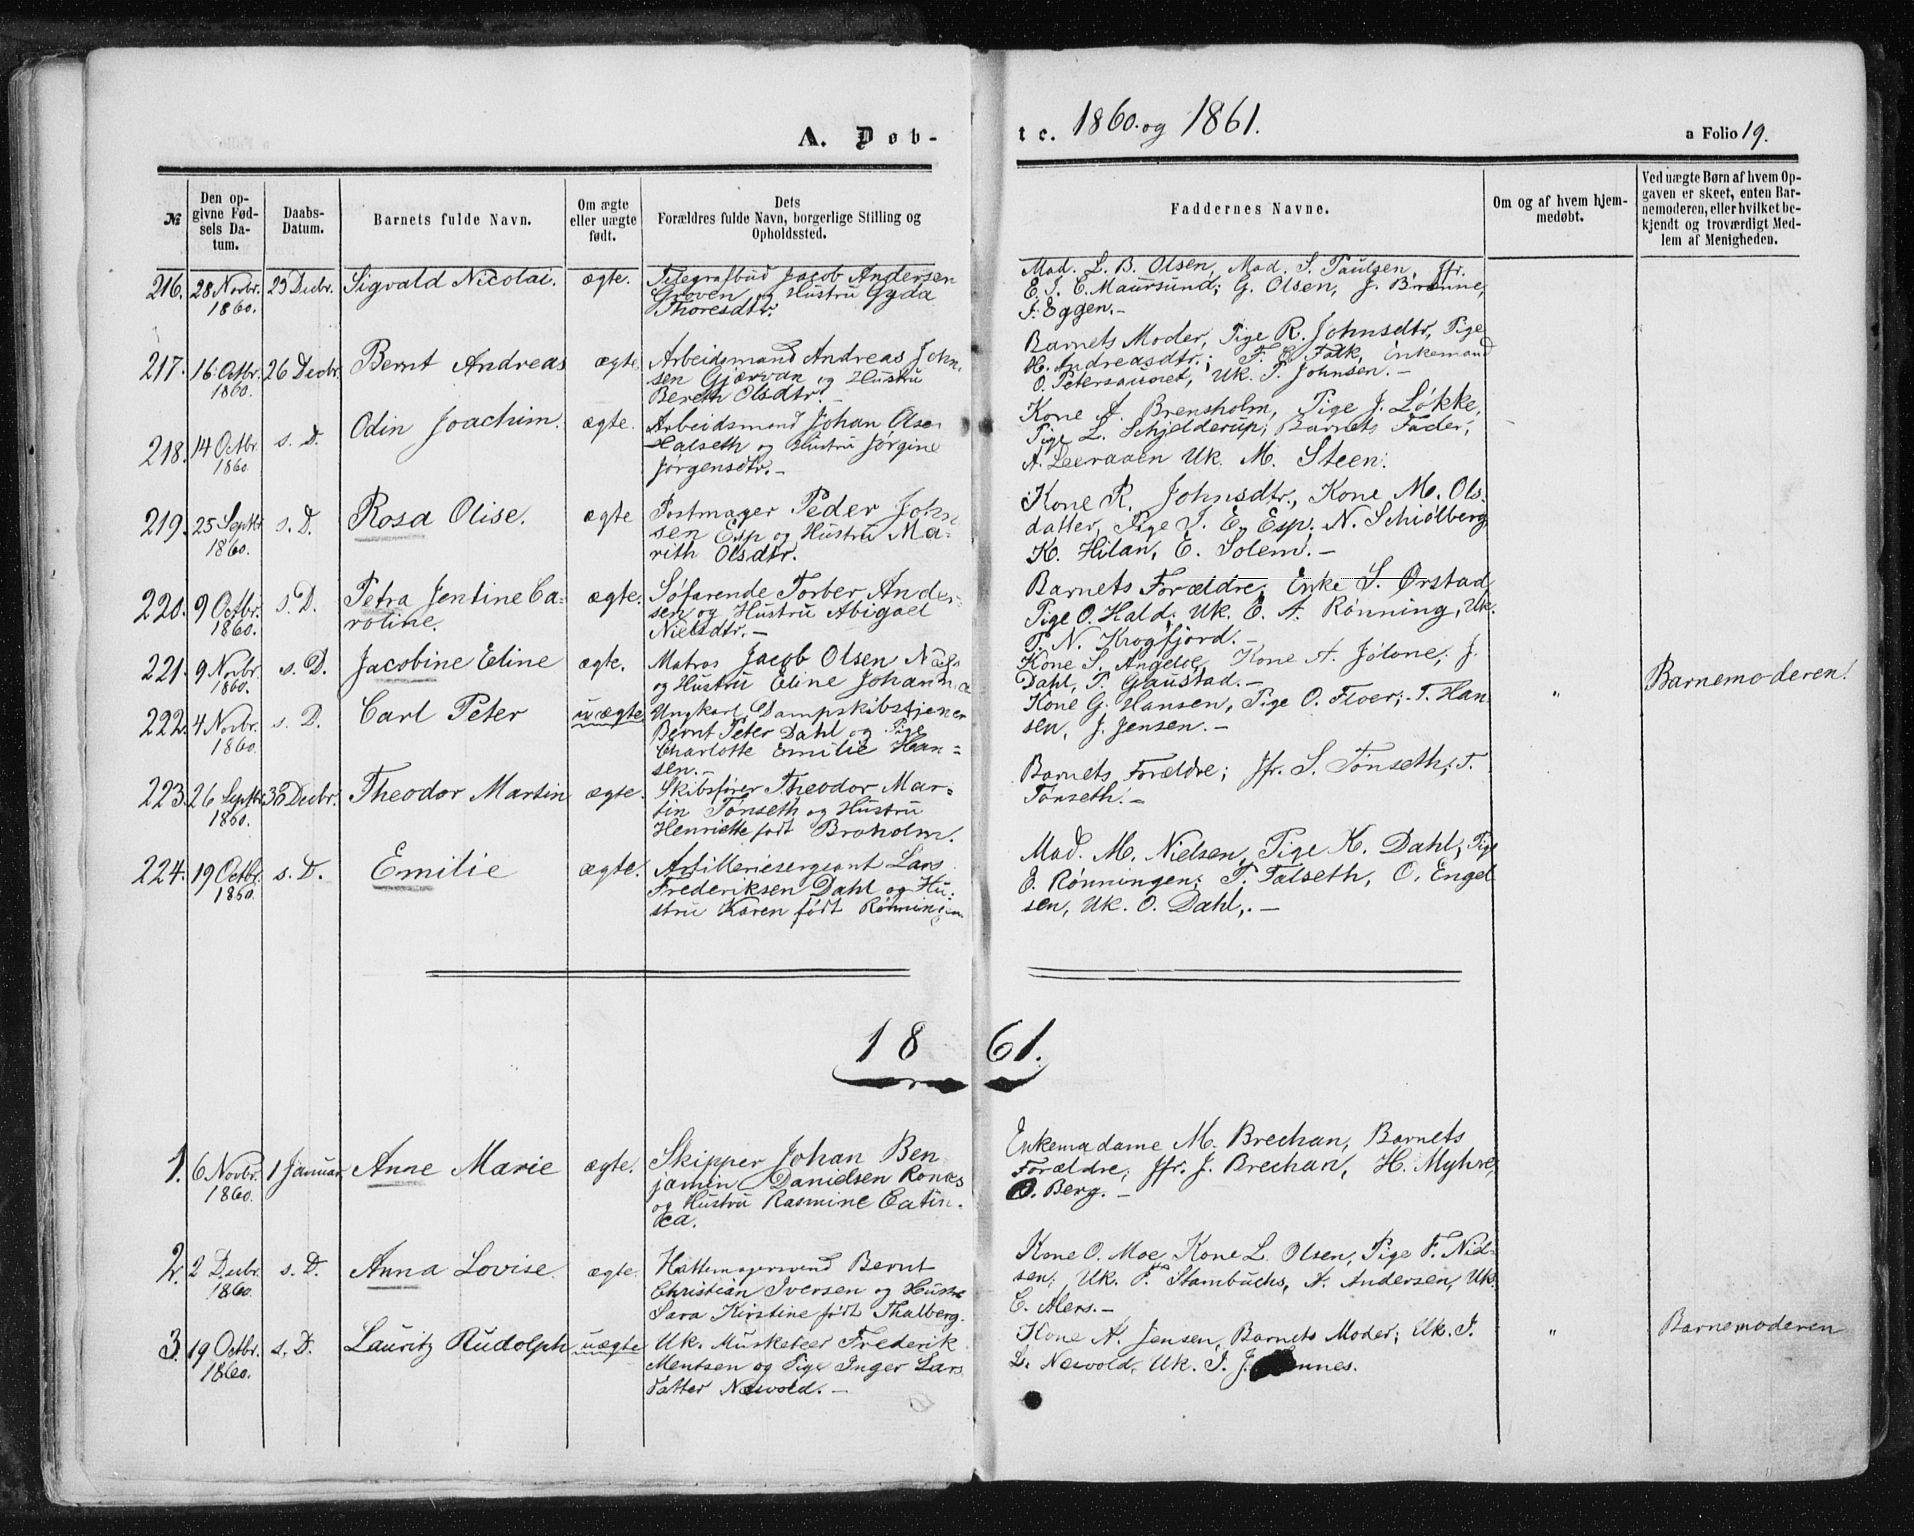 SAT, Ministerialprotokoller, klokkerbøker og fødselsregistre - Sør-Trøndelag, 602/L0115: Ministerialbok nr. 602A13, 1860-1872, s. 19